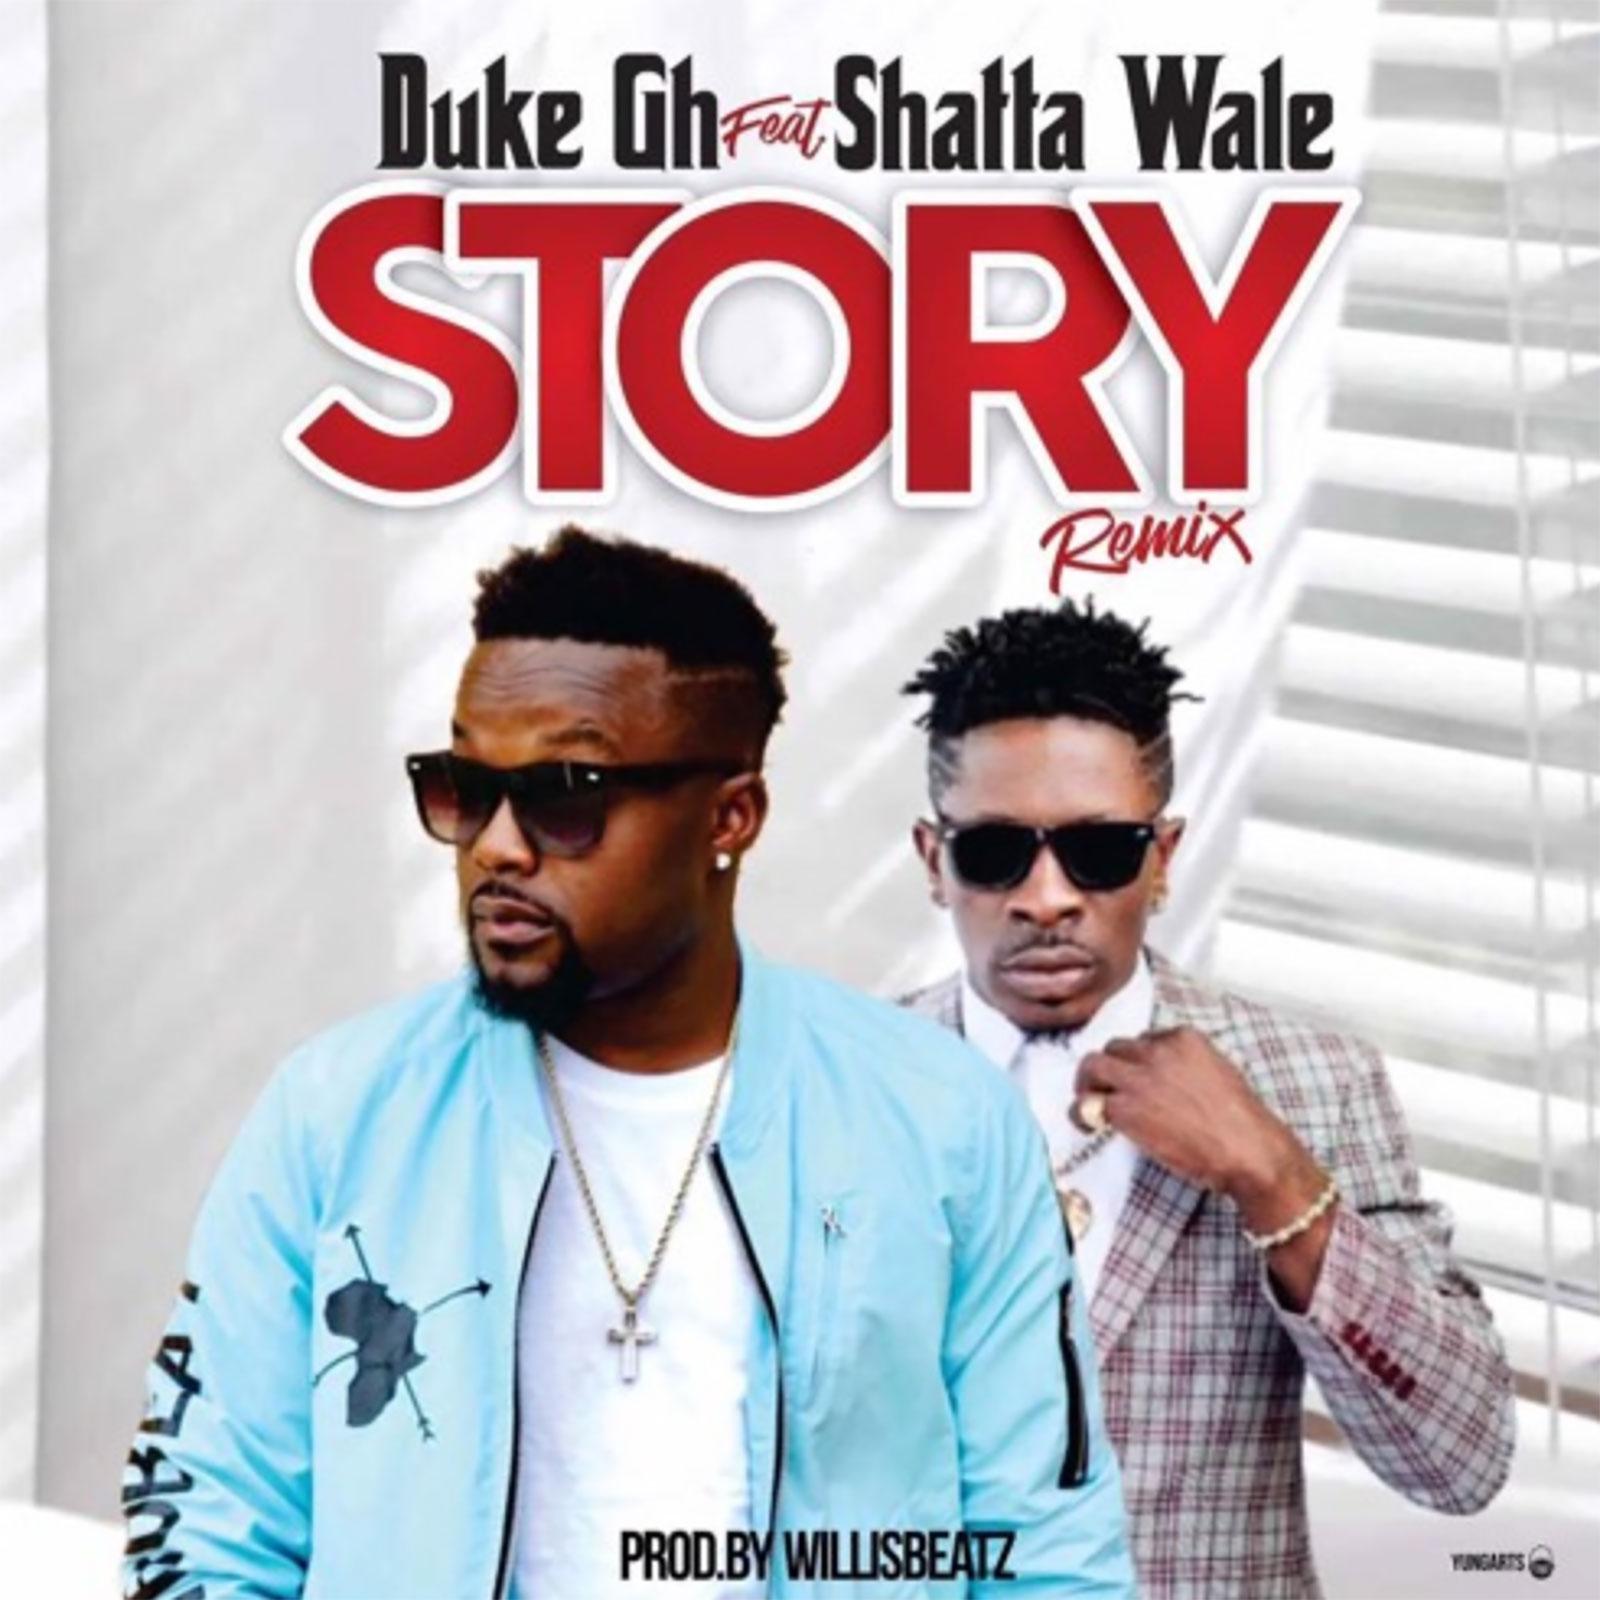 Story Remix by Duke feat. Shatta Wale